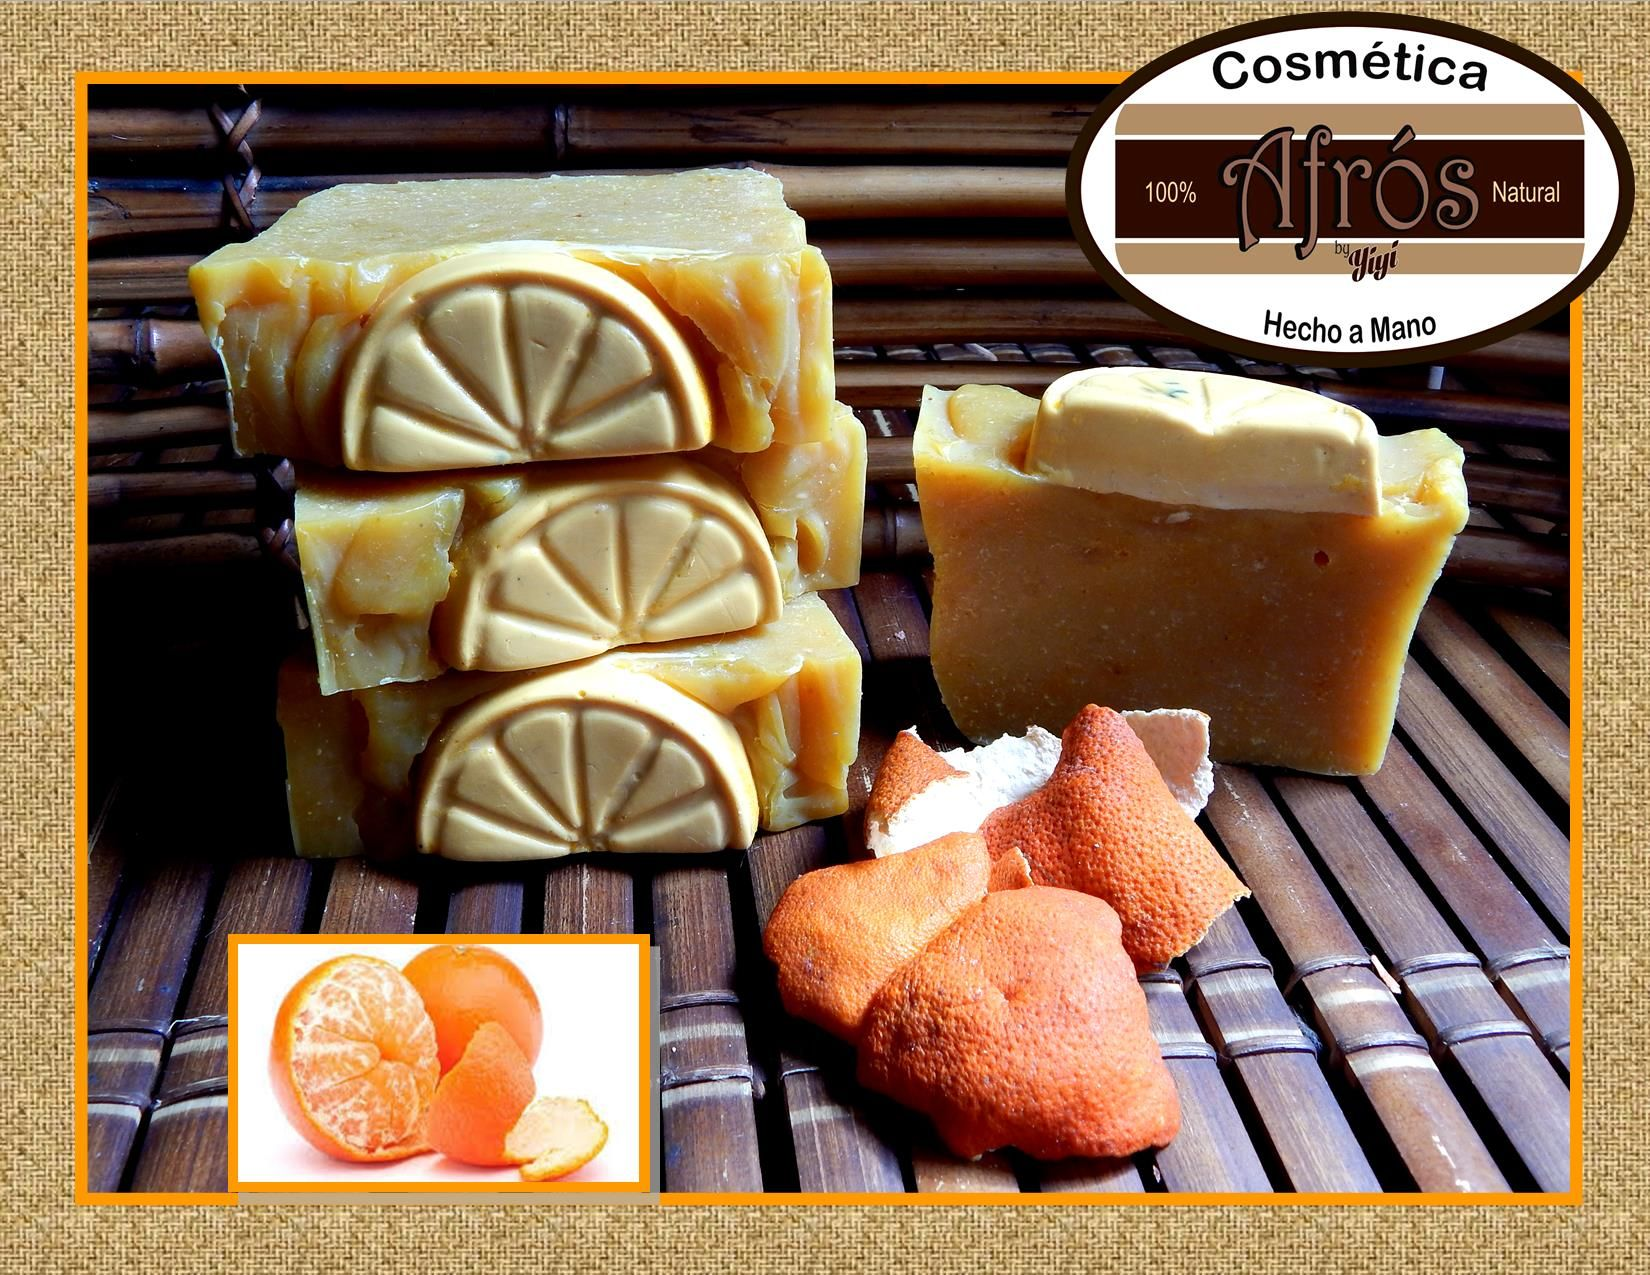 Jabón de Mandarina Propiedades: antiséptico,tonificante, es calmante y relajante, ideal para pieles grasas,mixtas o pieles adolescentes.